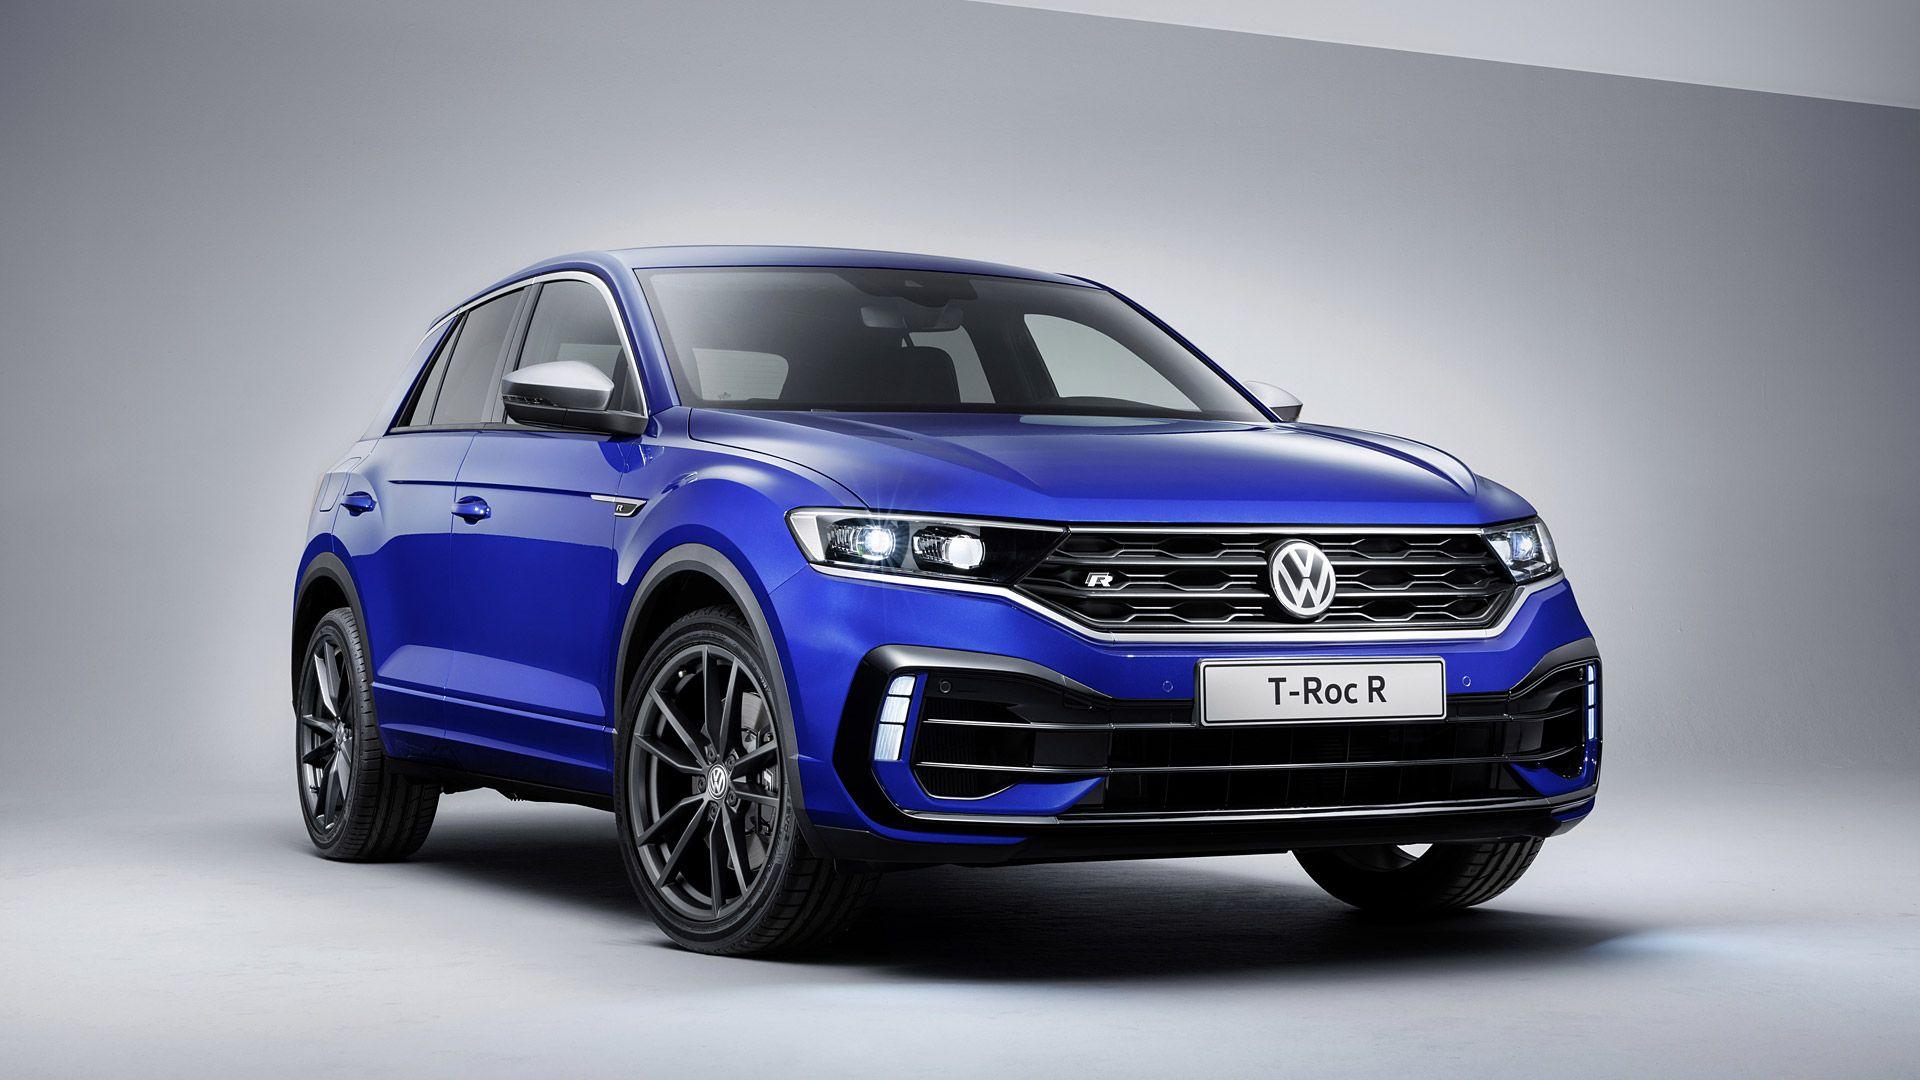 2019 Volkswagen T Roc R Tiguan R Line Volkswagen Car Tiguan R